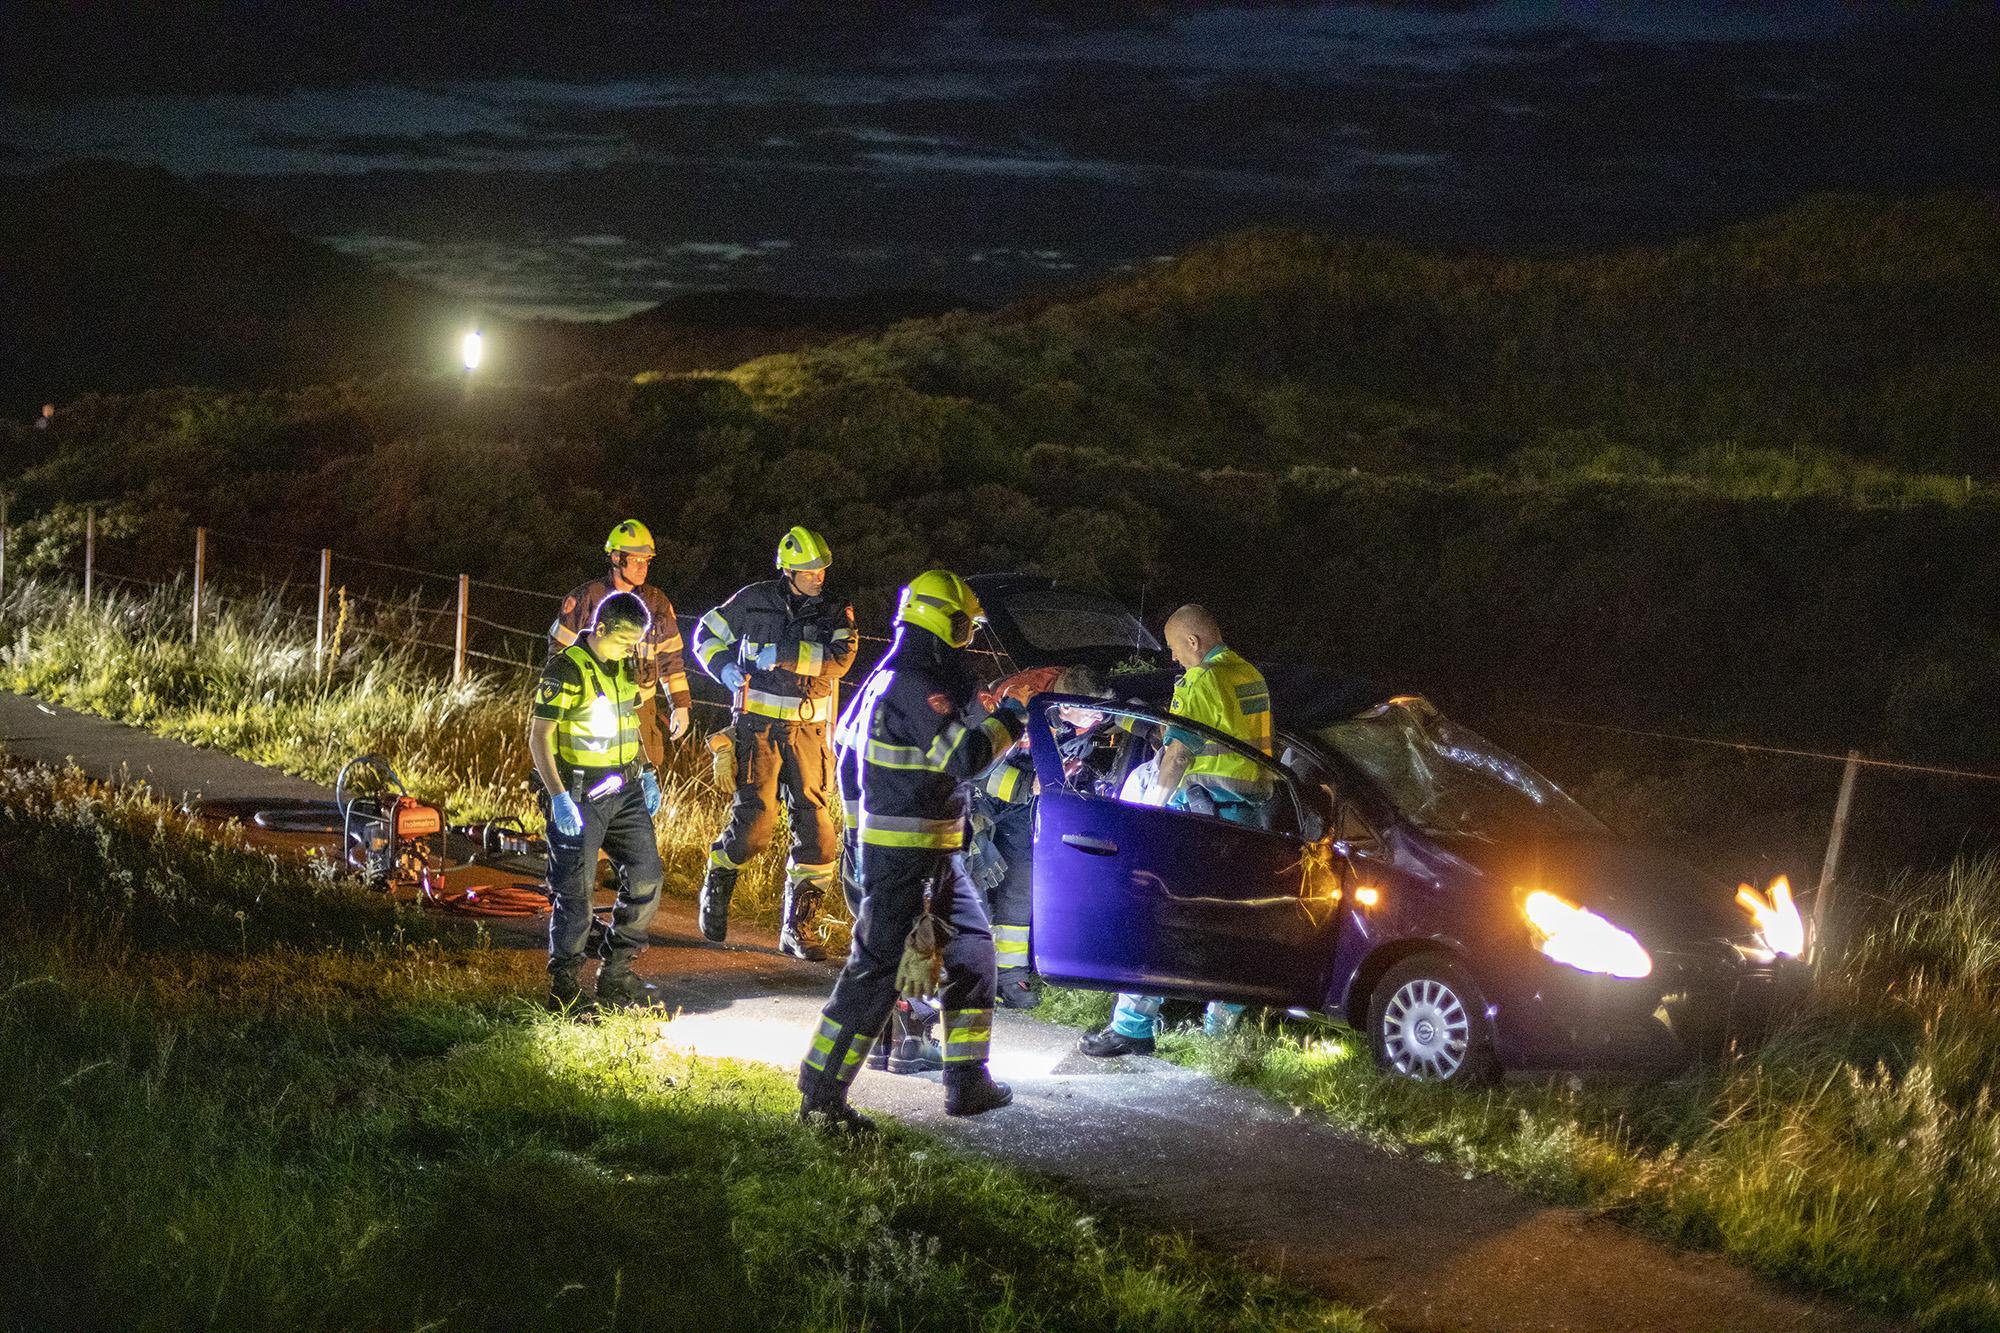 Vrienden van Middenduin willen snelheid op Zeeweg maximaal 60 km/uur: 'Je zal er maar fietsen en zo'n auto in je nek krijgen'